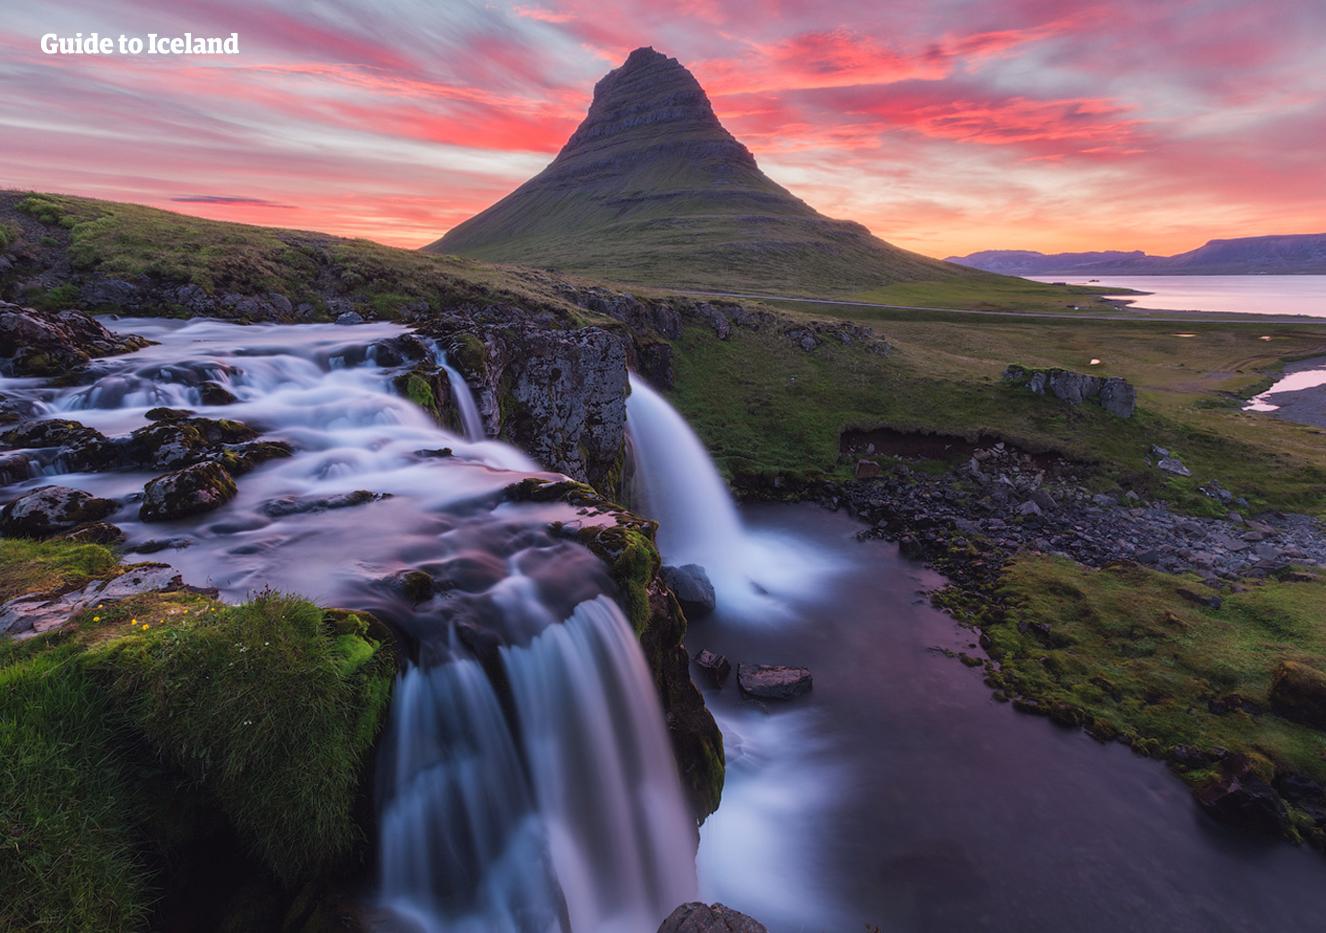 Circuit été de 12 jours | Voyage autour de l'Islande - day 9